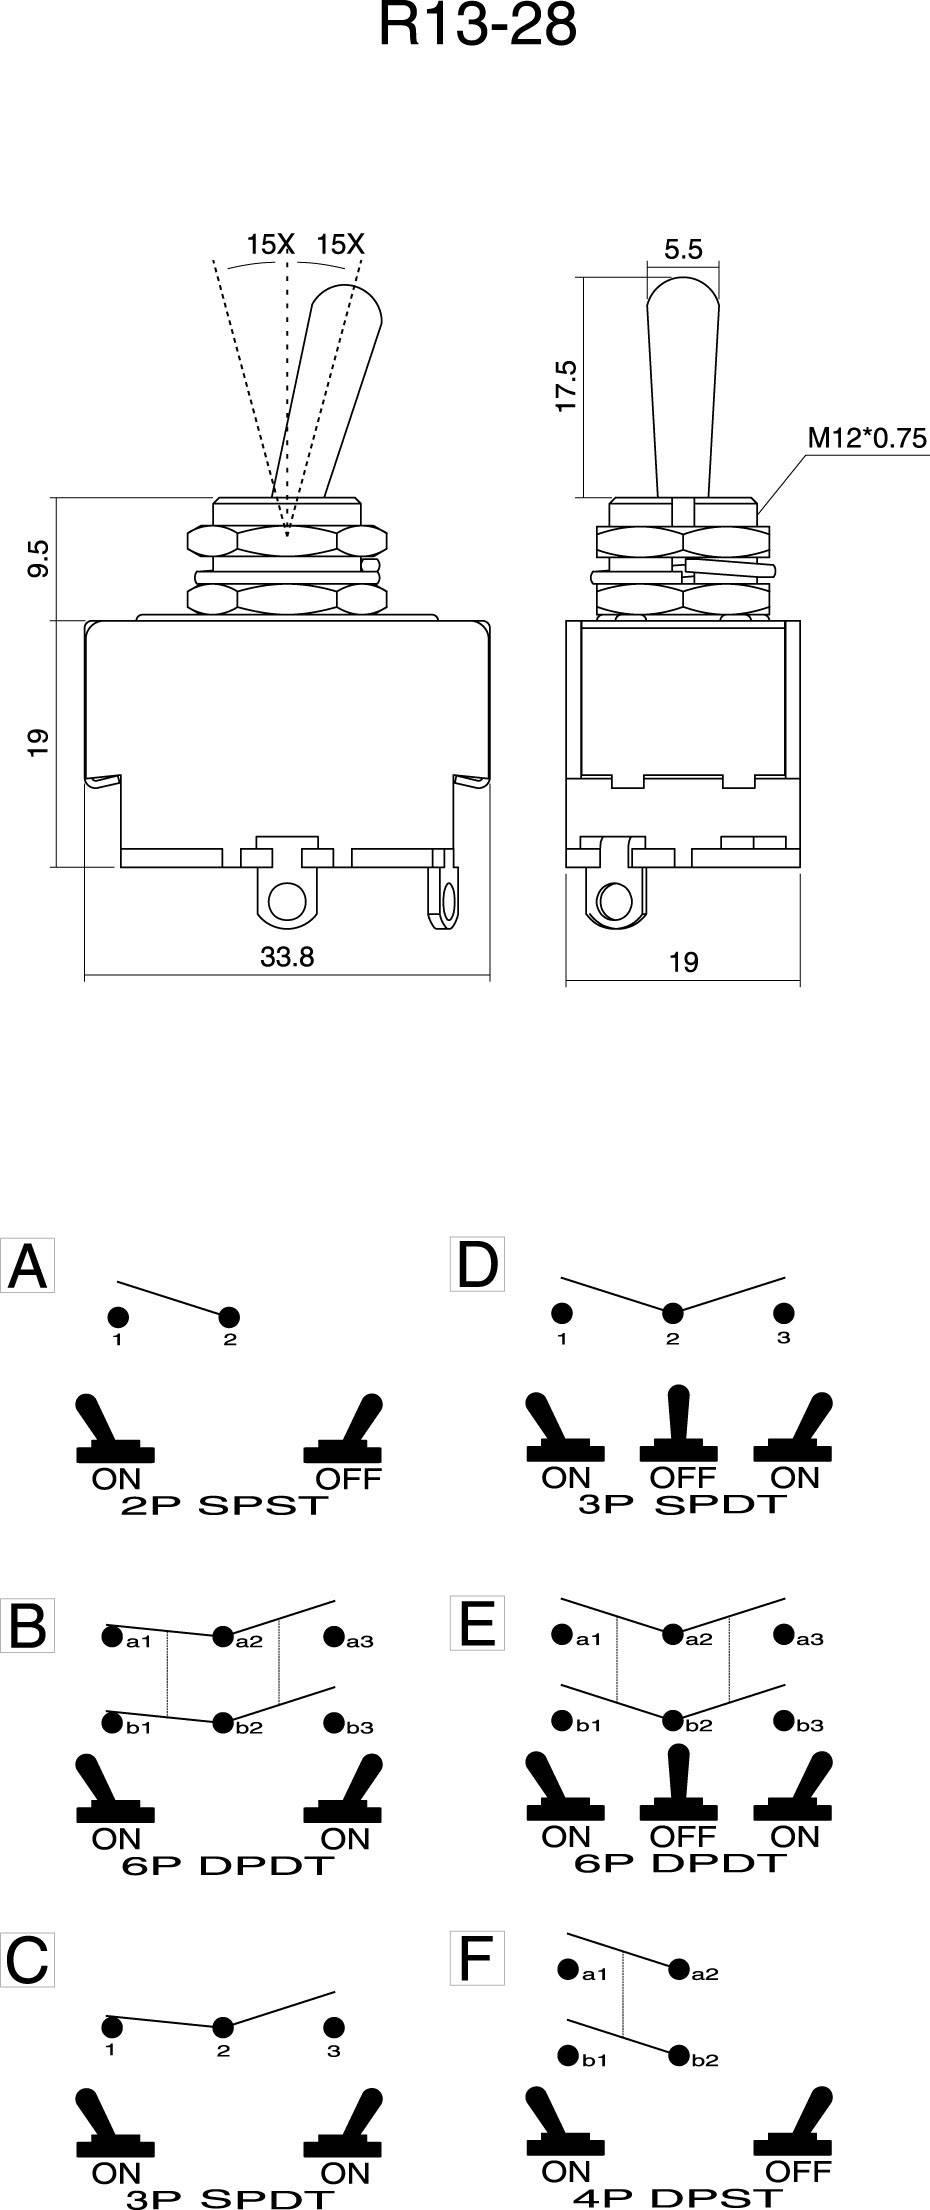 r13 135 switch wiring diagram schematics wiring diagram r13 135 switch wiring diagram wiring diagram essig 35 massey ferguson engine diagram r13 135 switch wiring diagram